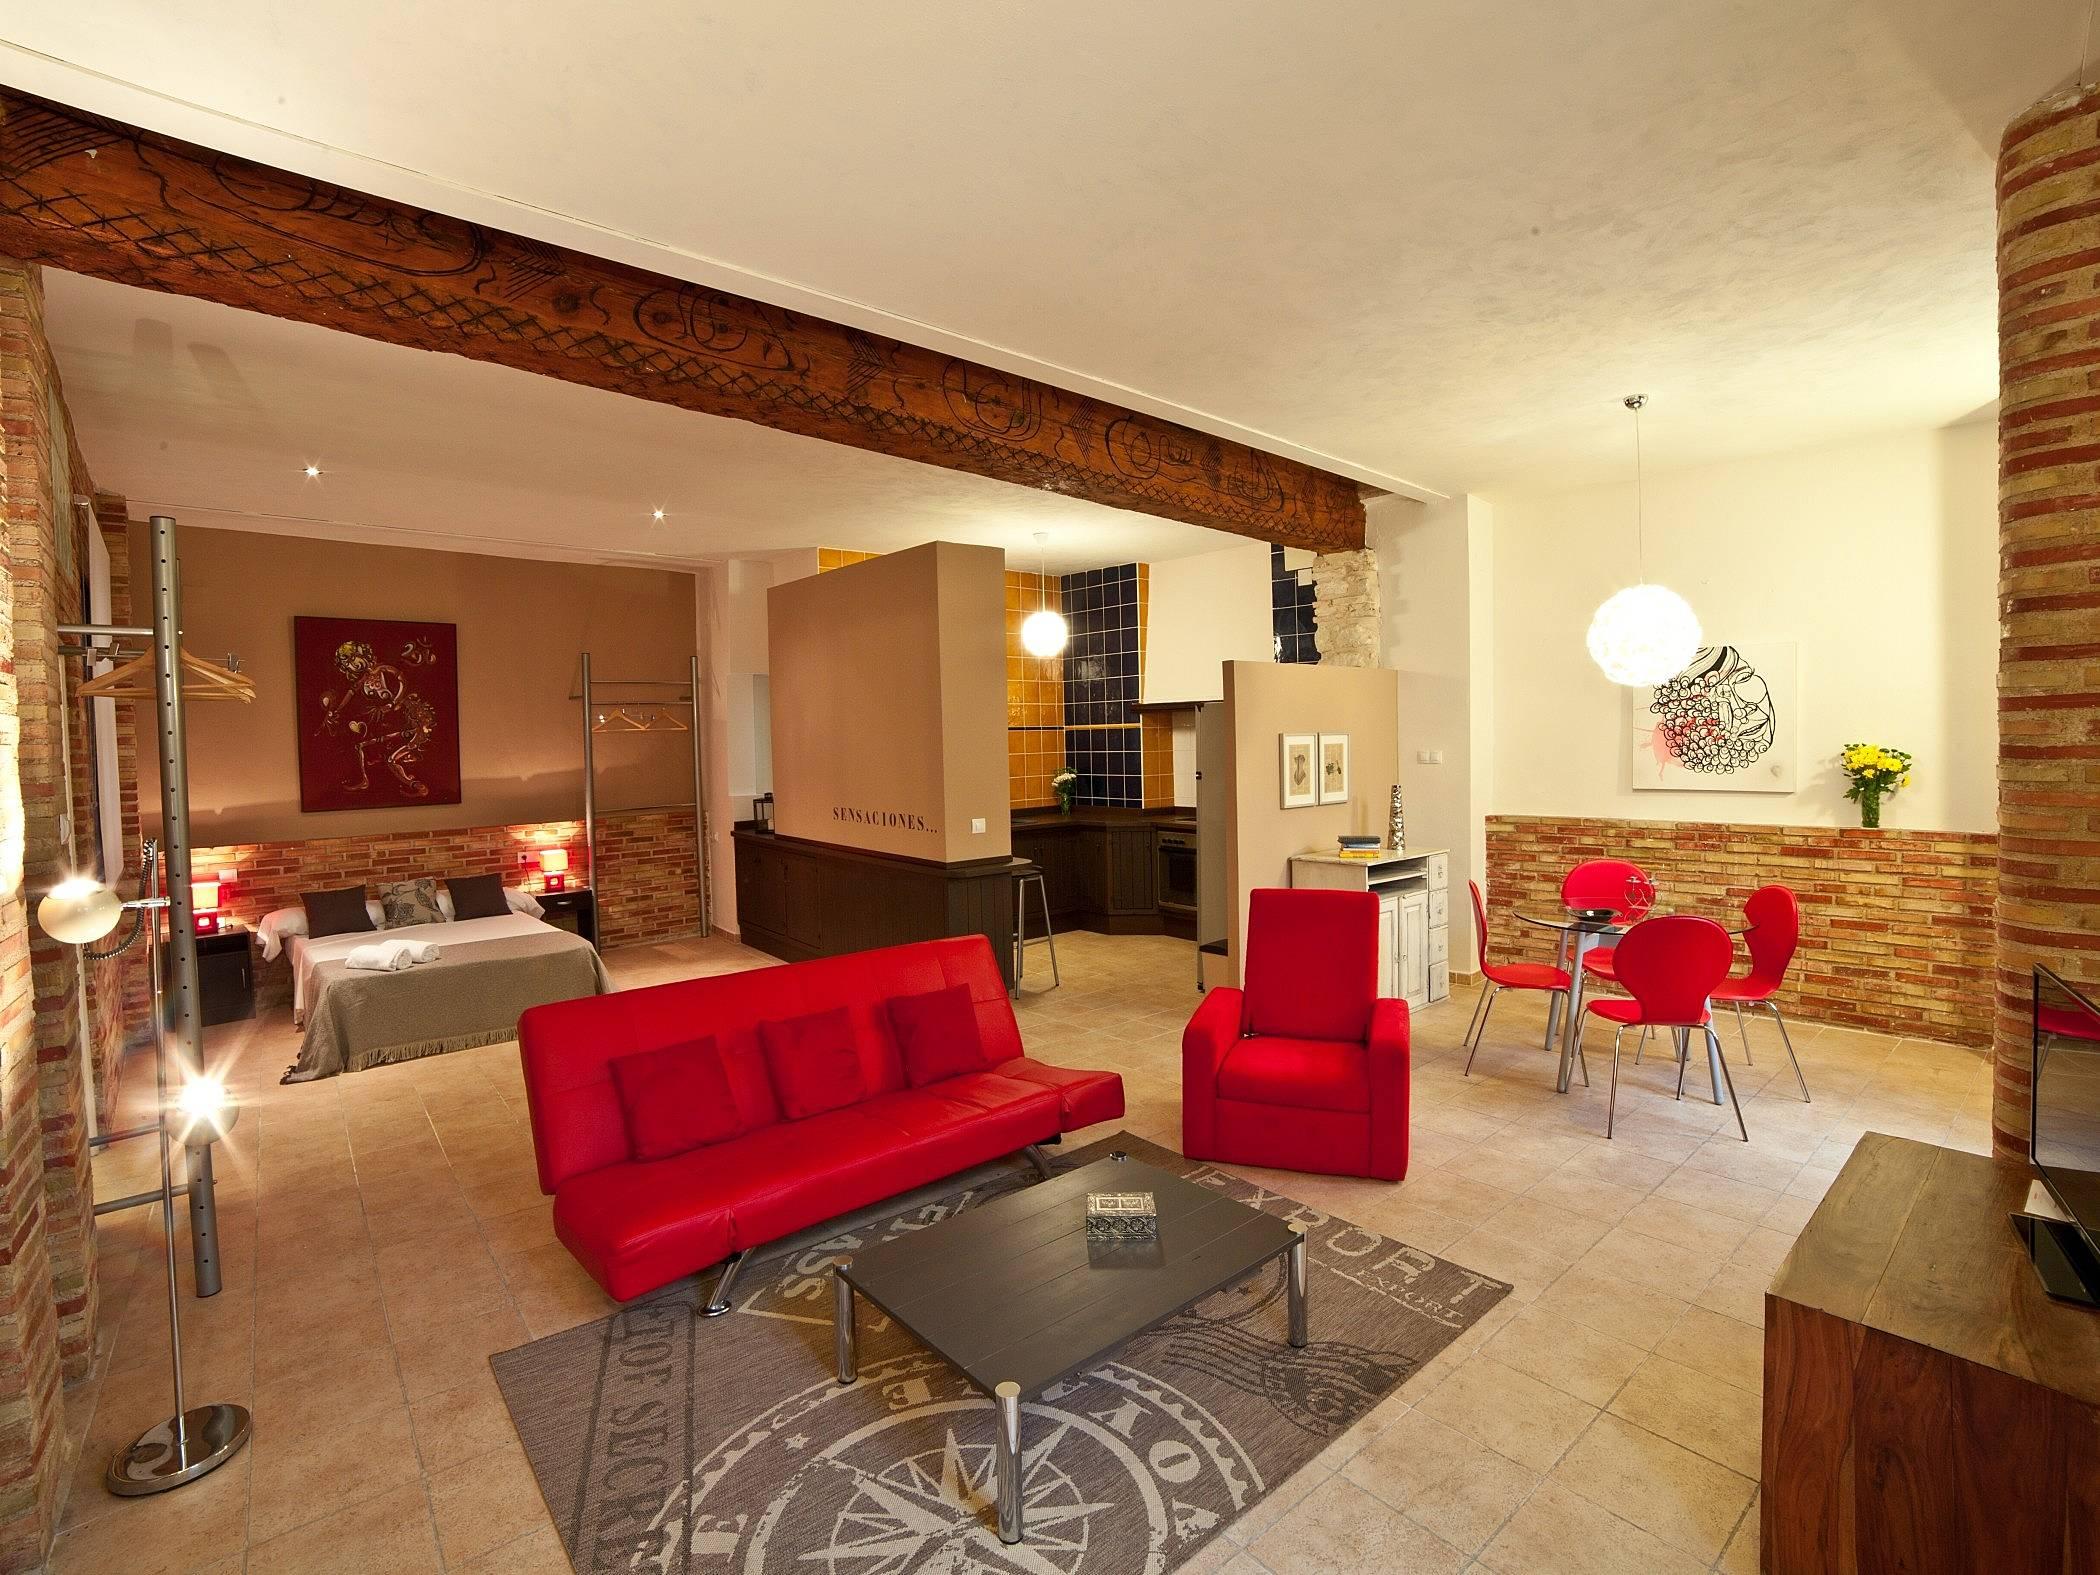 Alquiler vacaciones apartamentos y casas rurales en el pla alicante alacant - Alquiler casa rural alicante ...